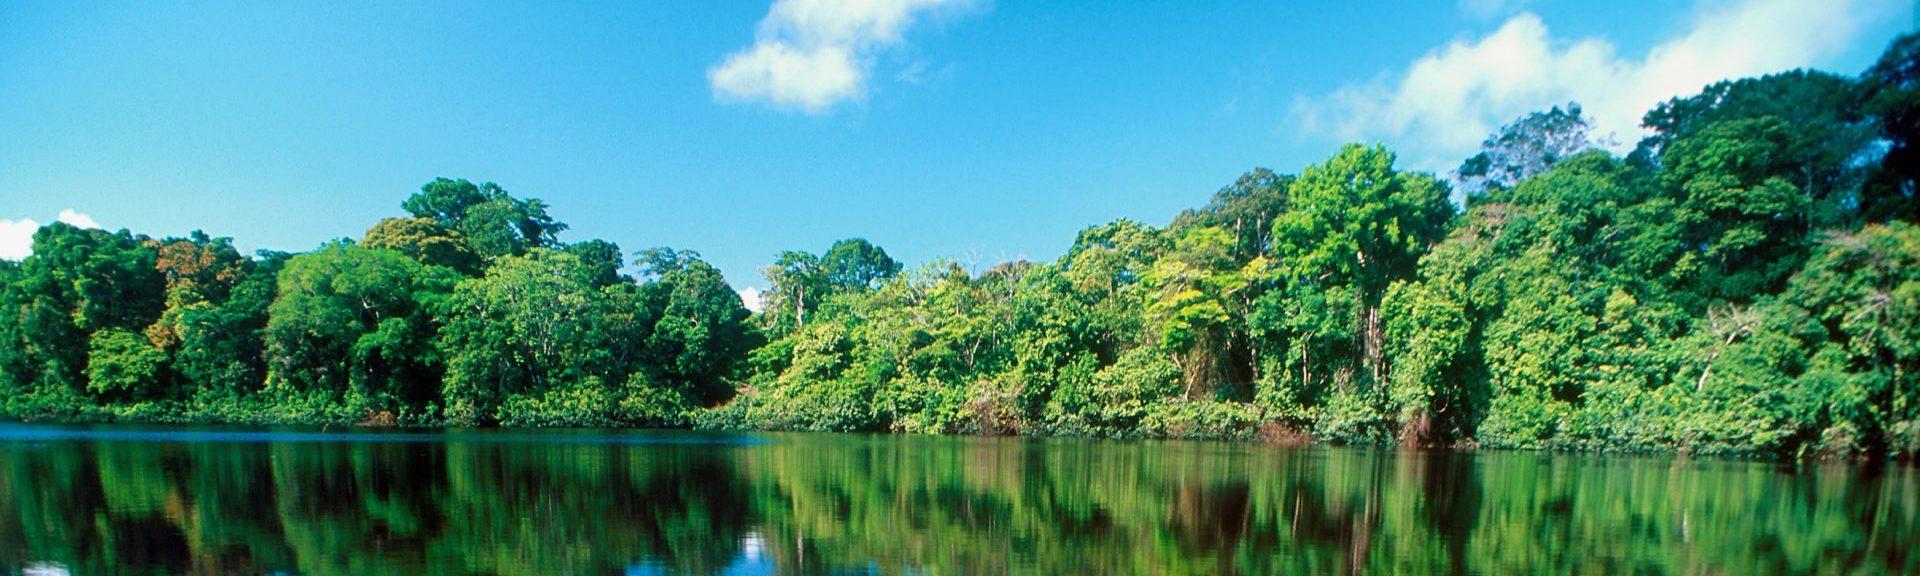 Reizen op maat Costa Rica Tortuguero